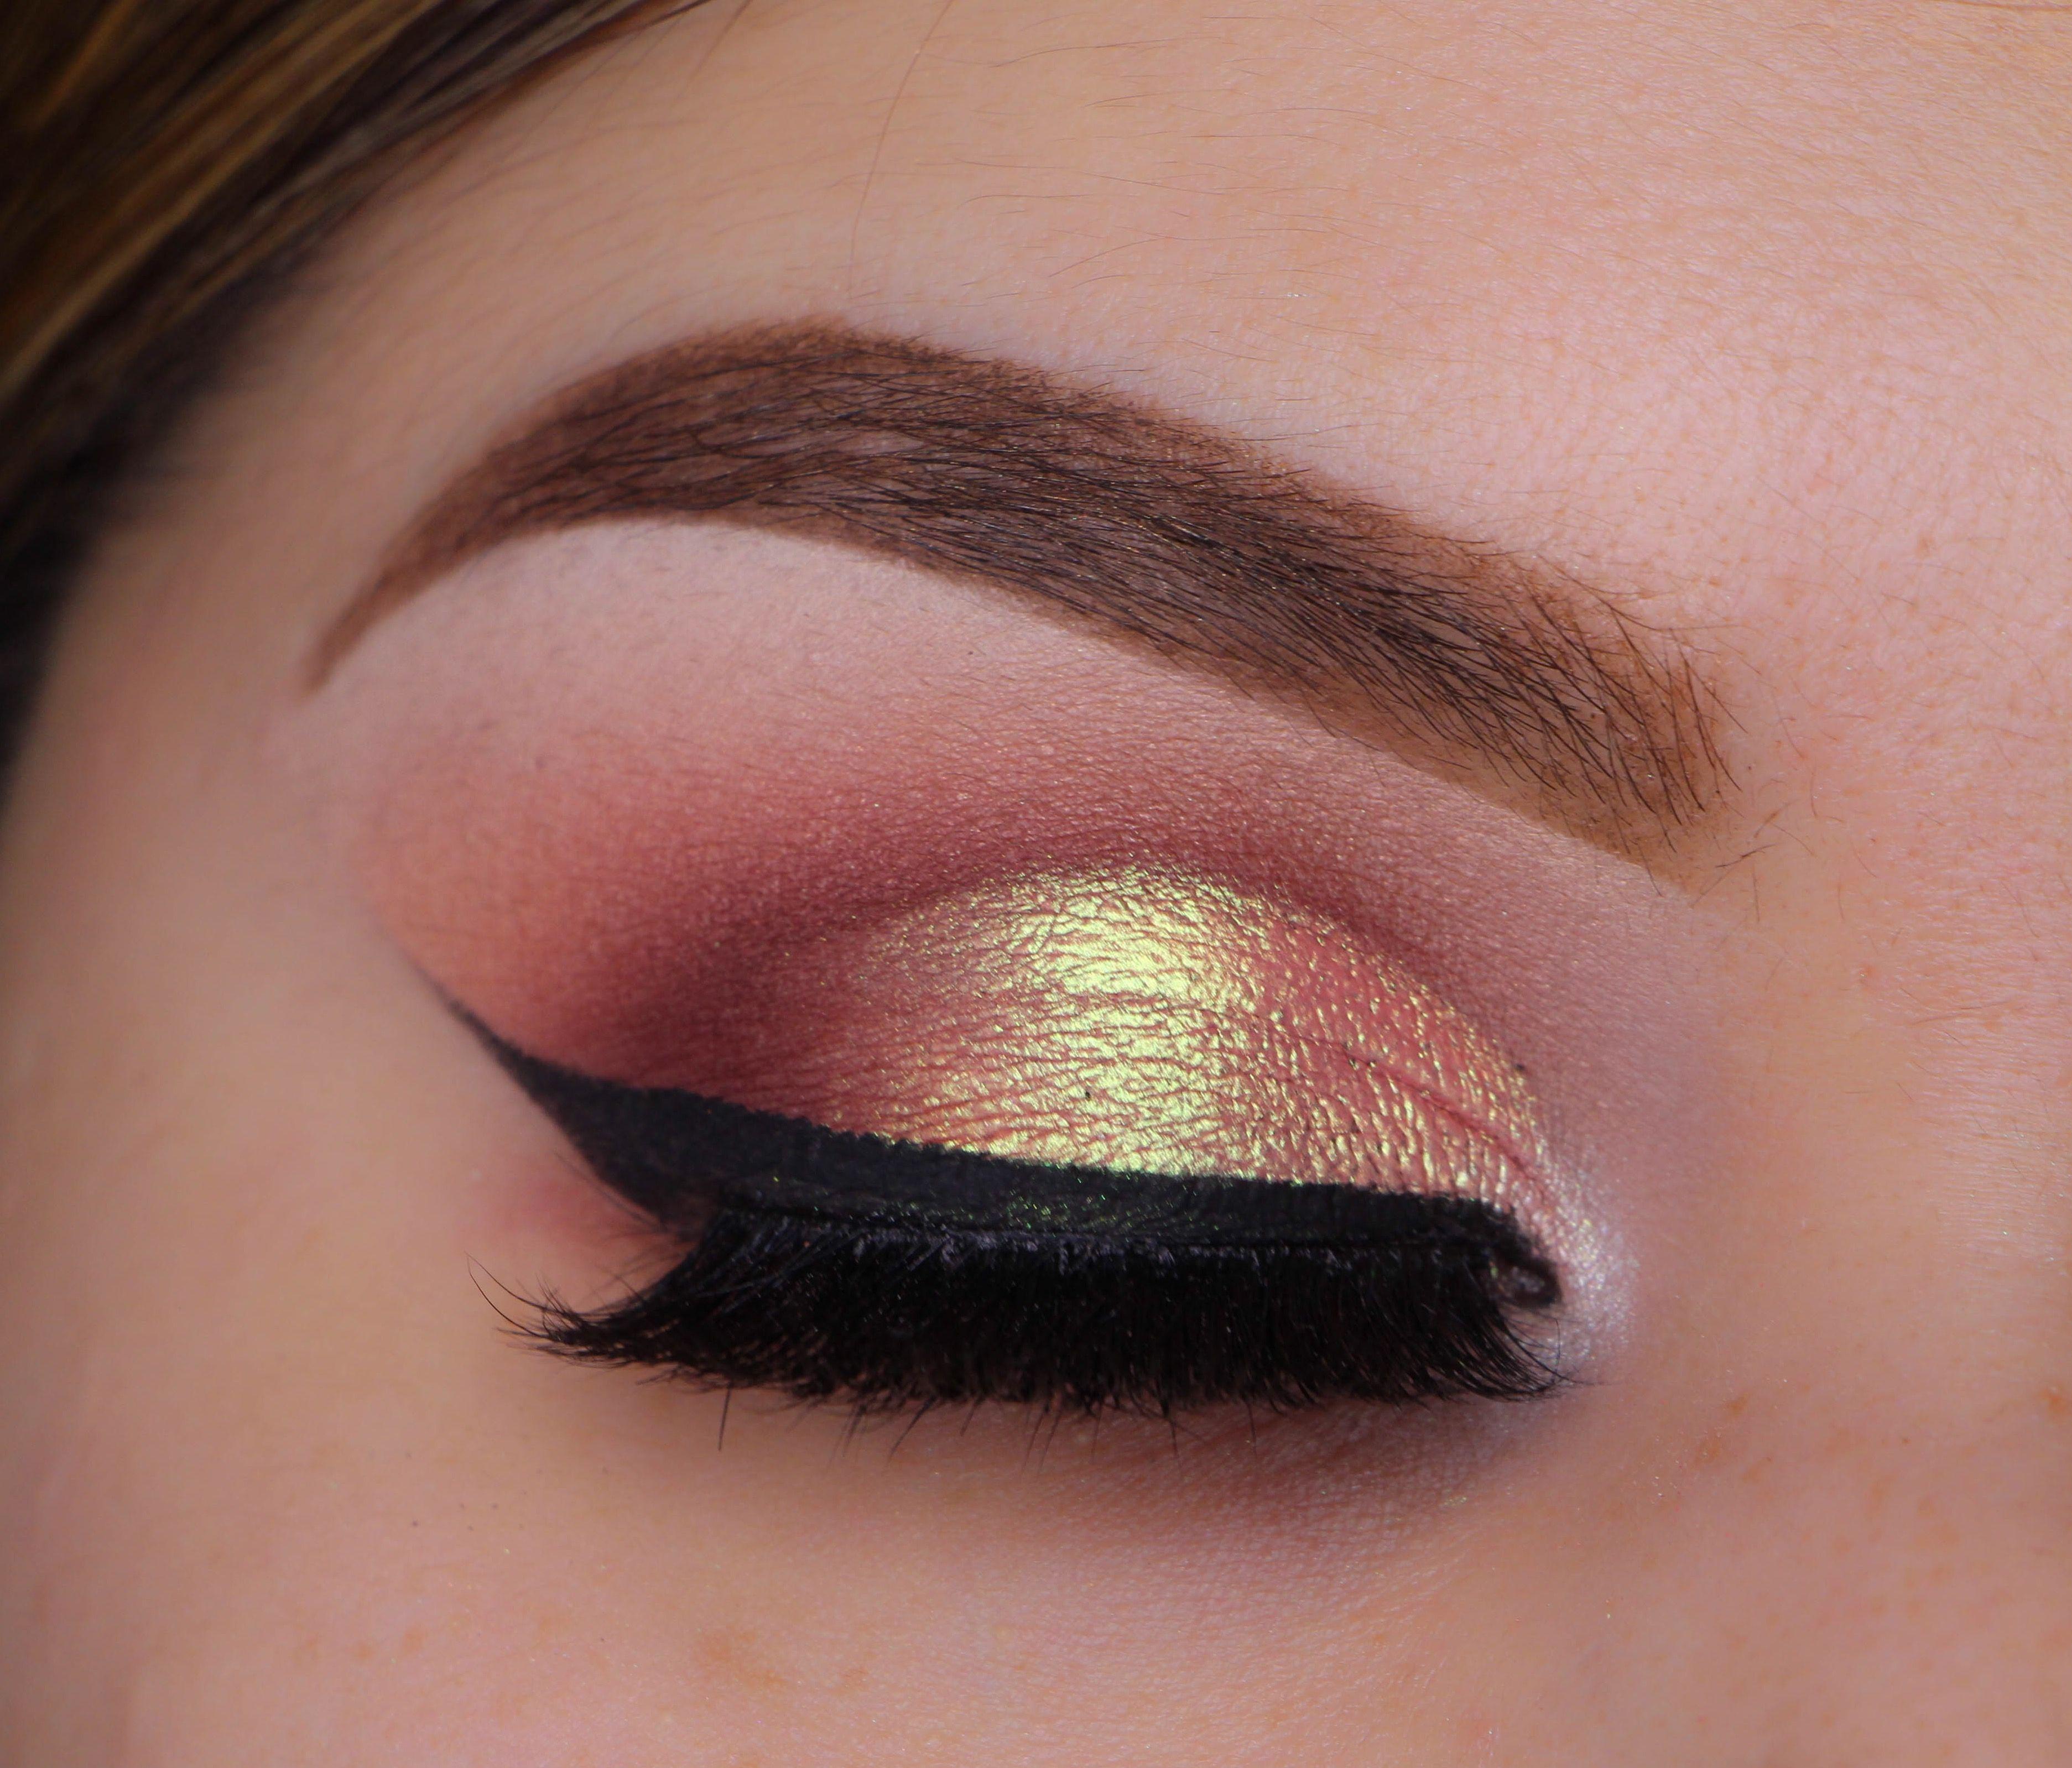 Cranberry Spritzer Photo Tutorial Makeup Geekmakeup Tipseye Makeupphoto